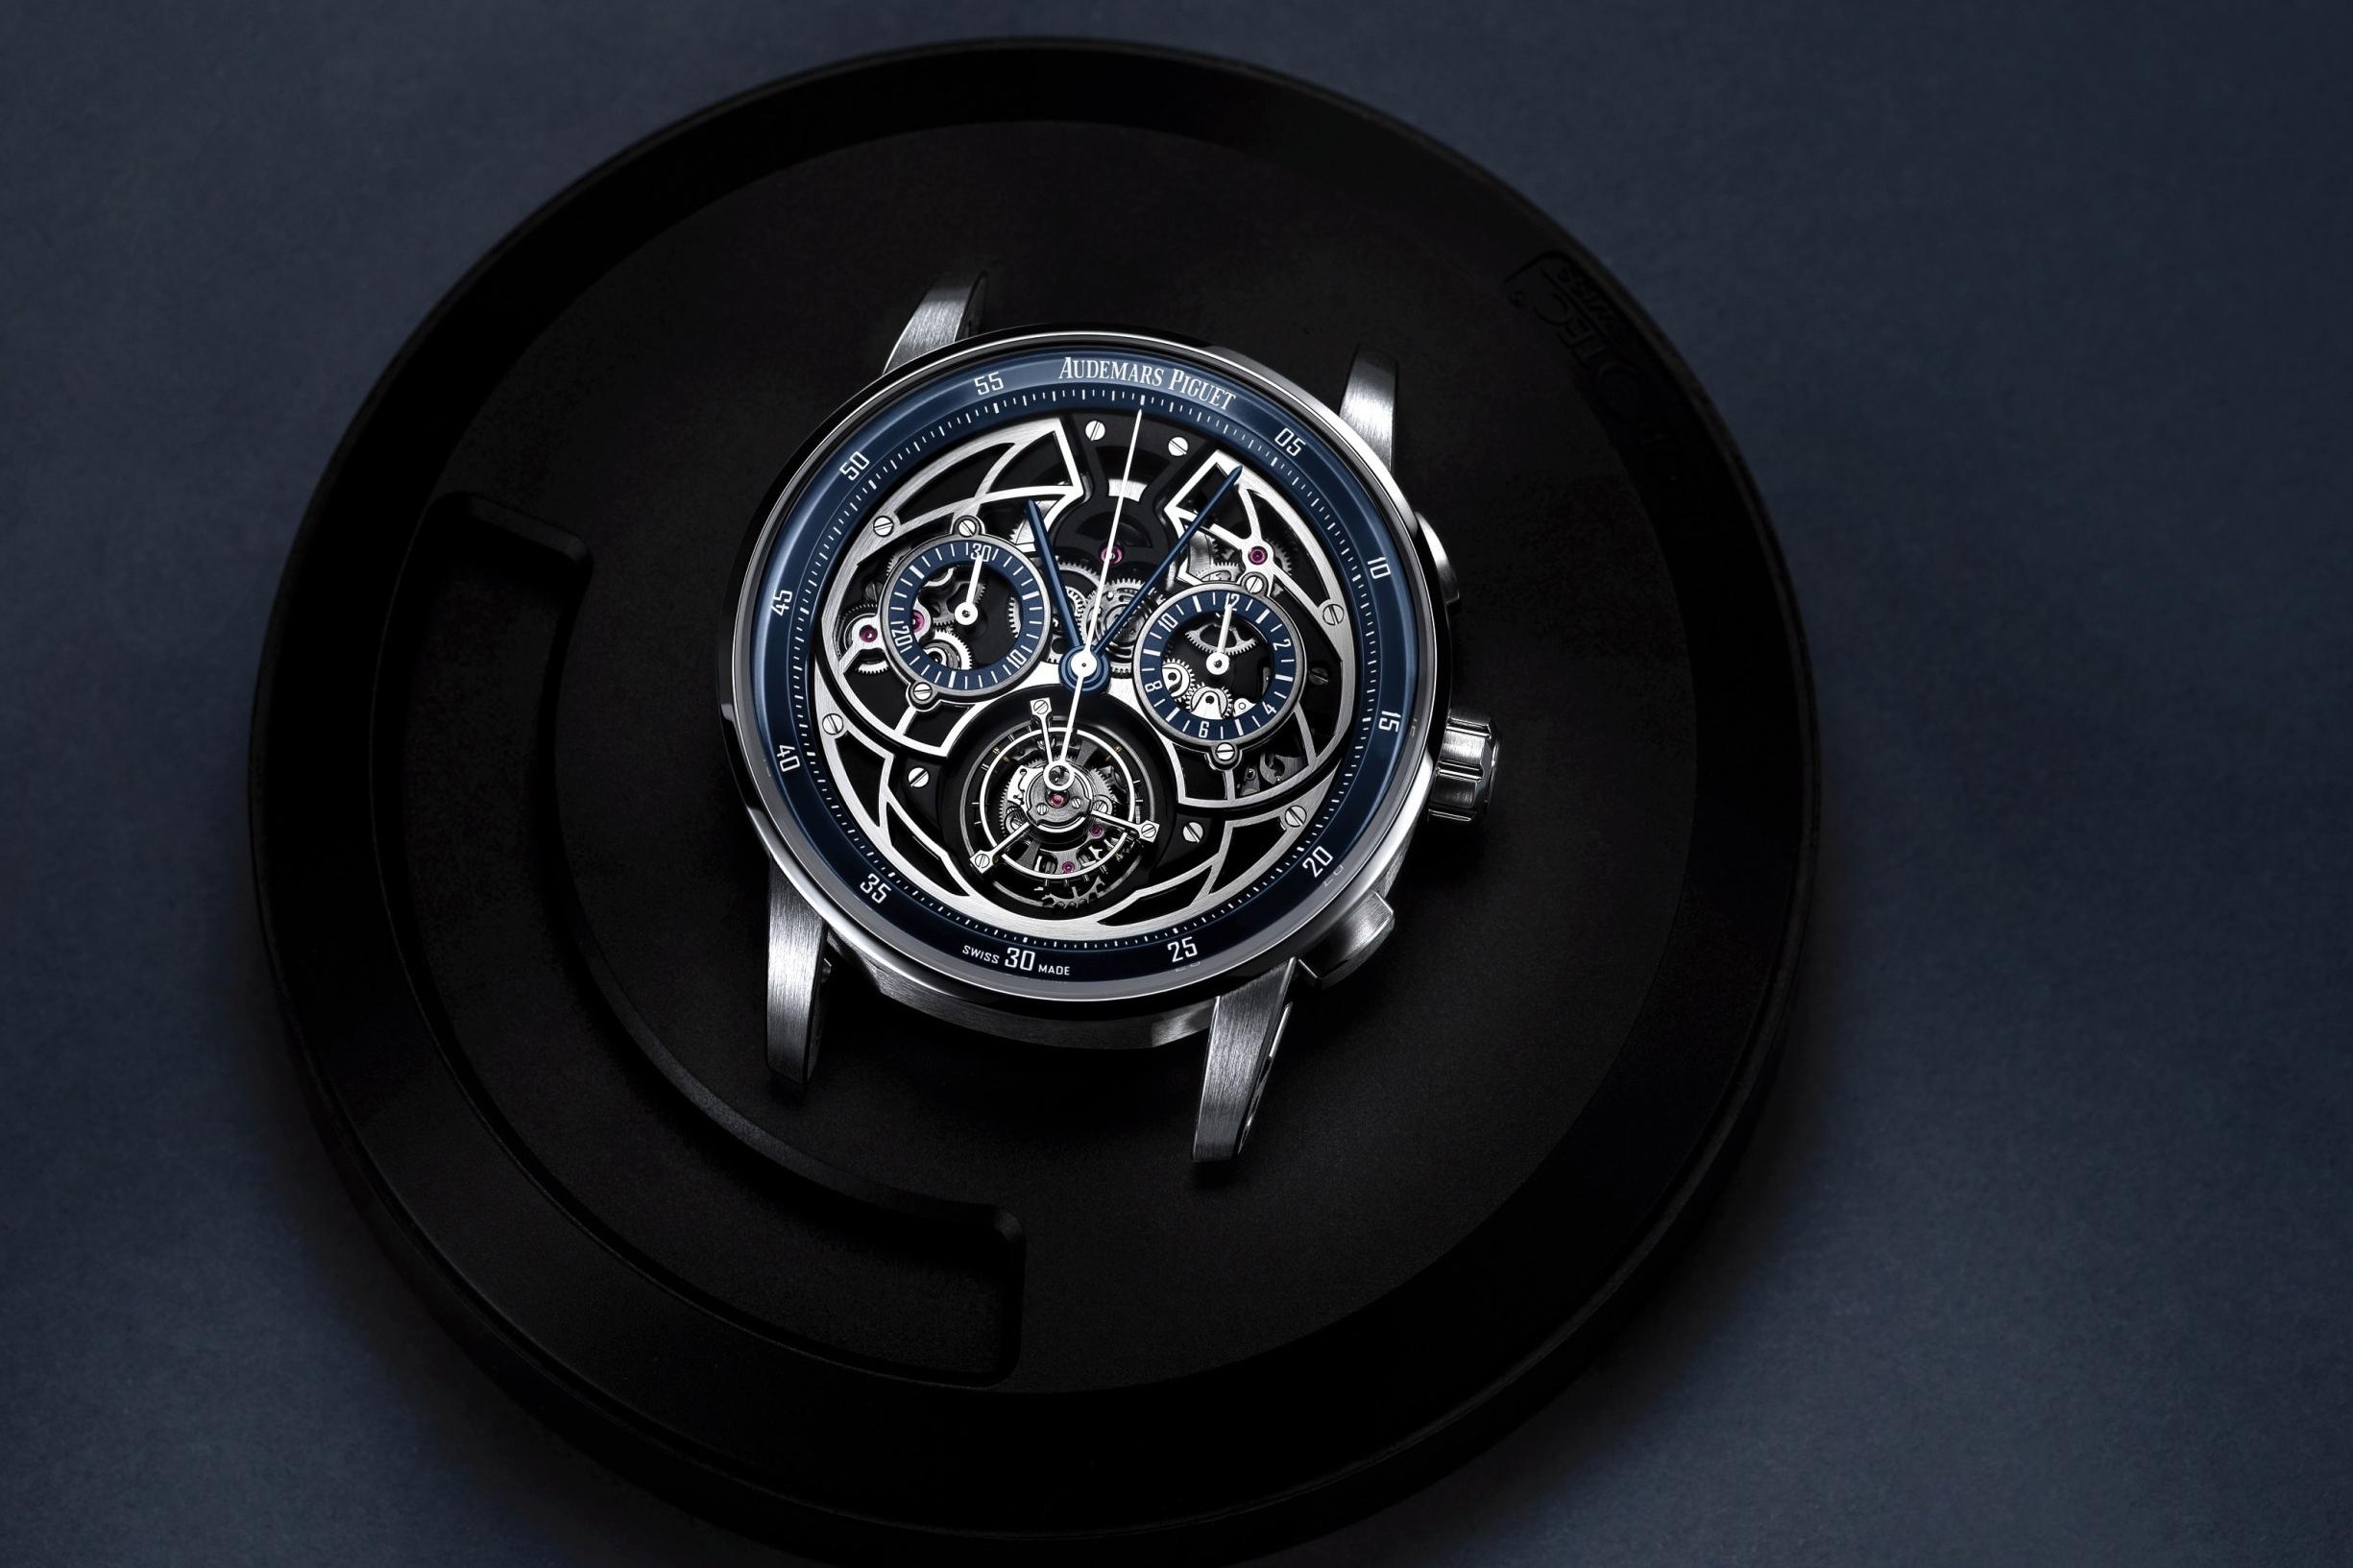 """Audemars Piguet làm mới bộ sưu tập """"CODE 11.59 by Audemars Piguet"""" với một mẫu đồng hồ phiên bản giới hạn mới"""